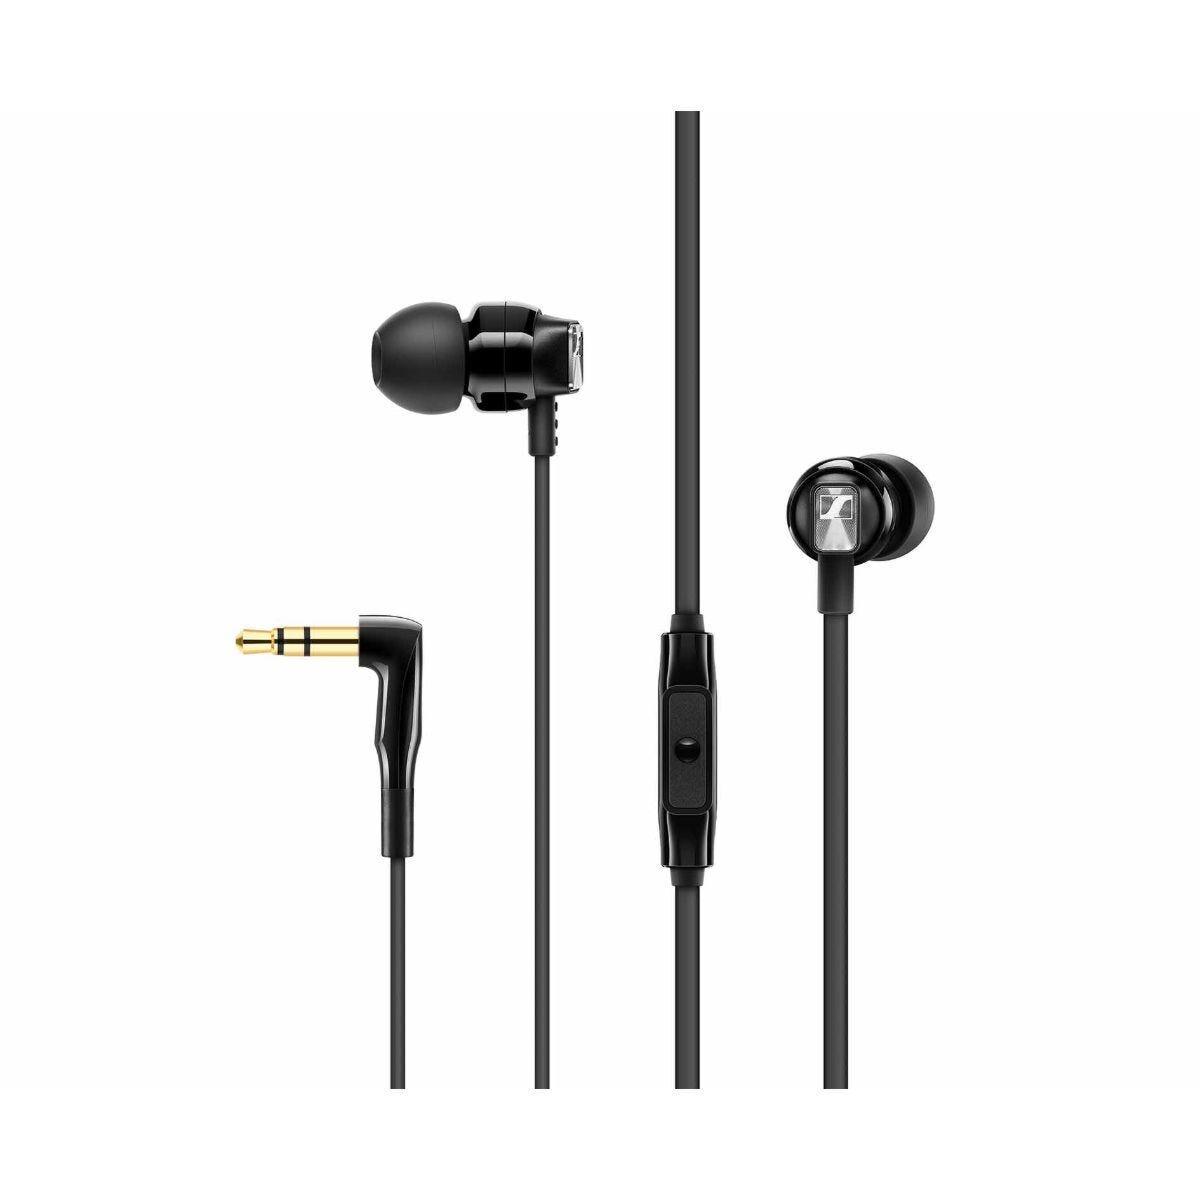 Sennheiser CX300S Wired In-Ear Headphones Black